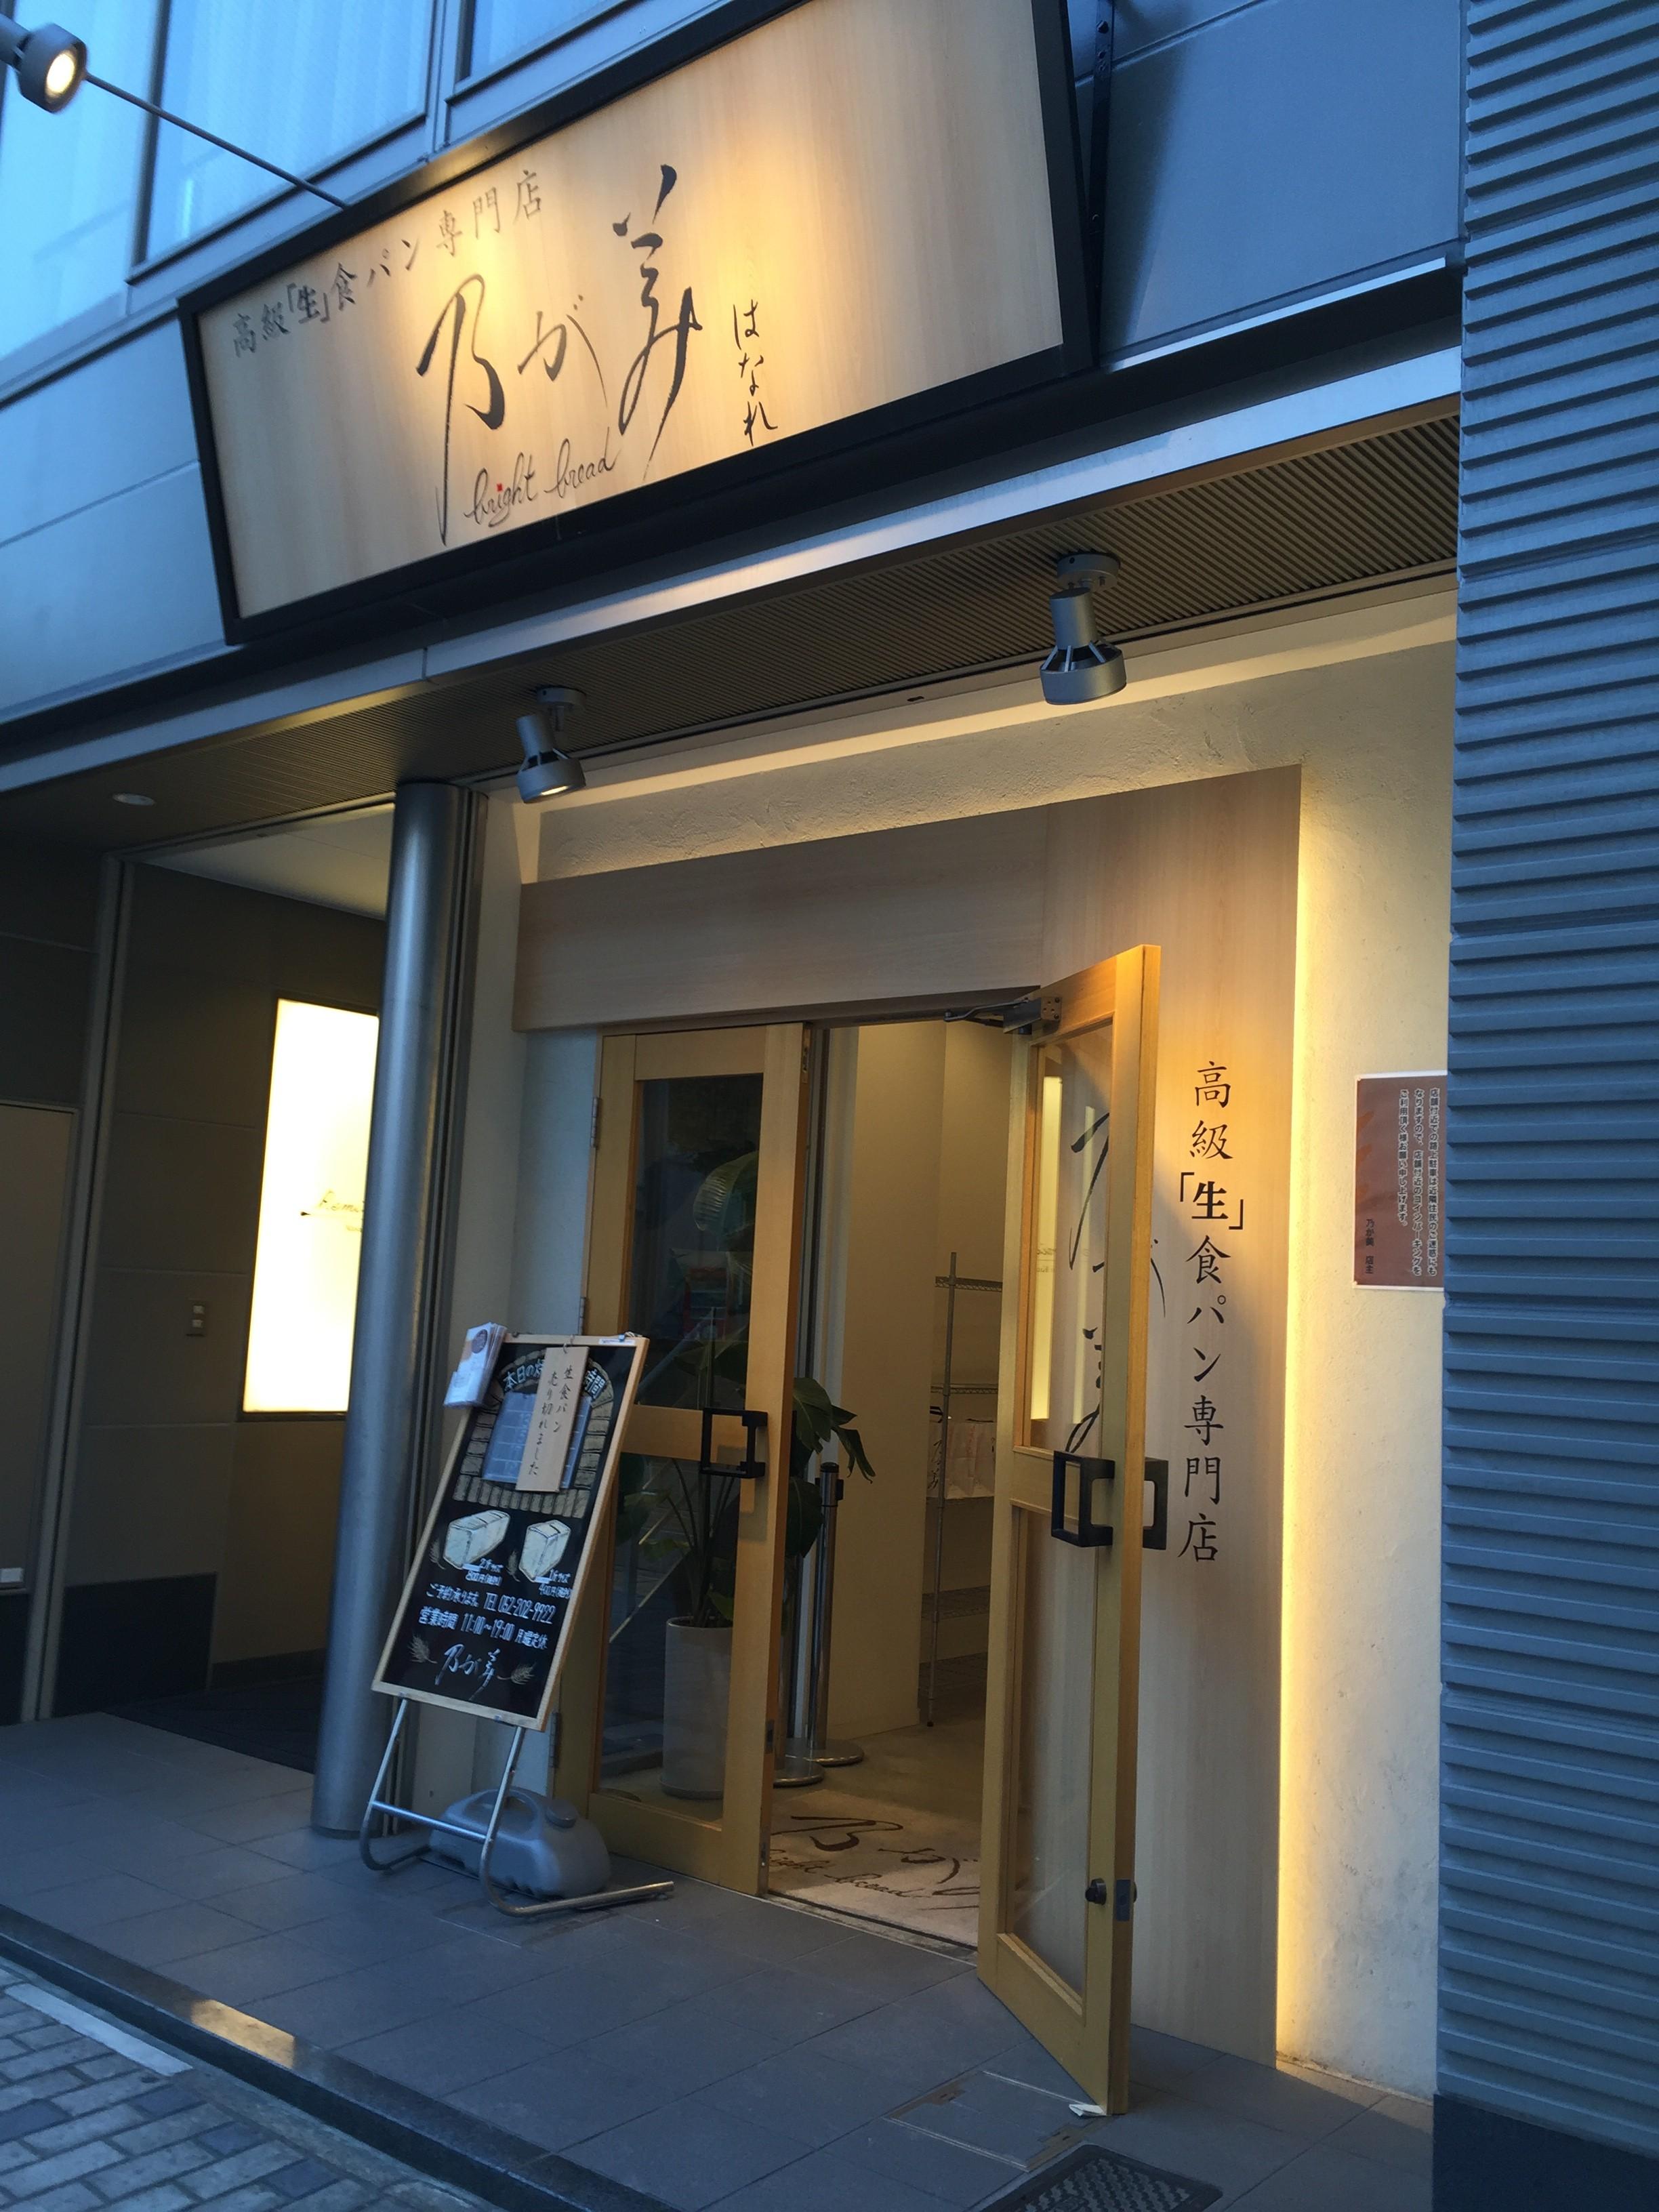 「日本の美味しい食パン10本」に選ばれた高級生食パン専門店の「乃が美」さん。食パンは旨み、甘み、食感が絶妙!